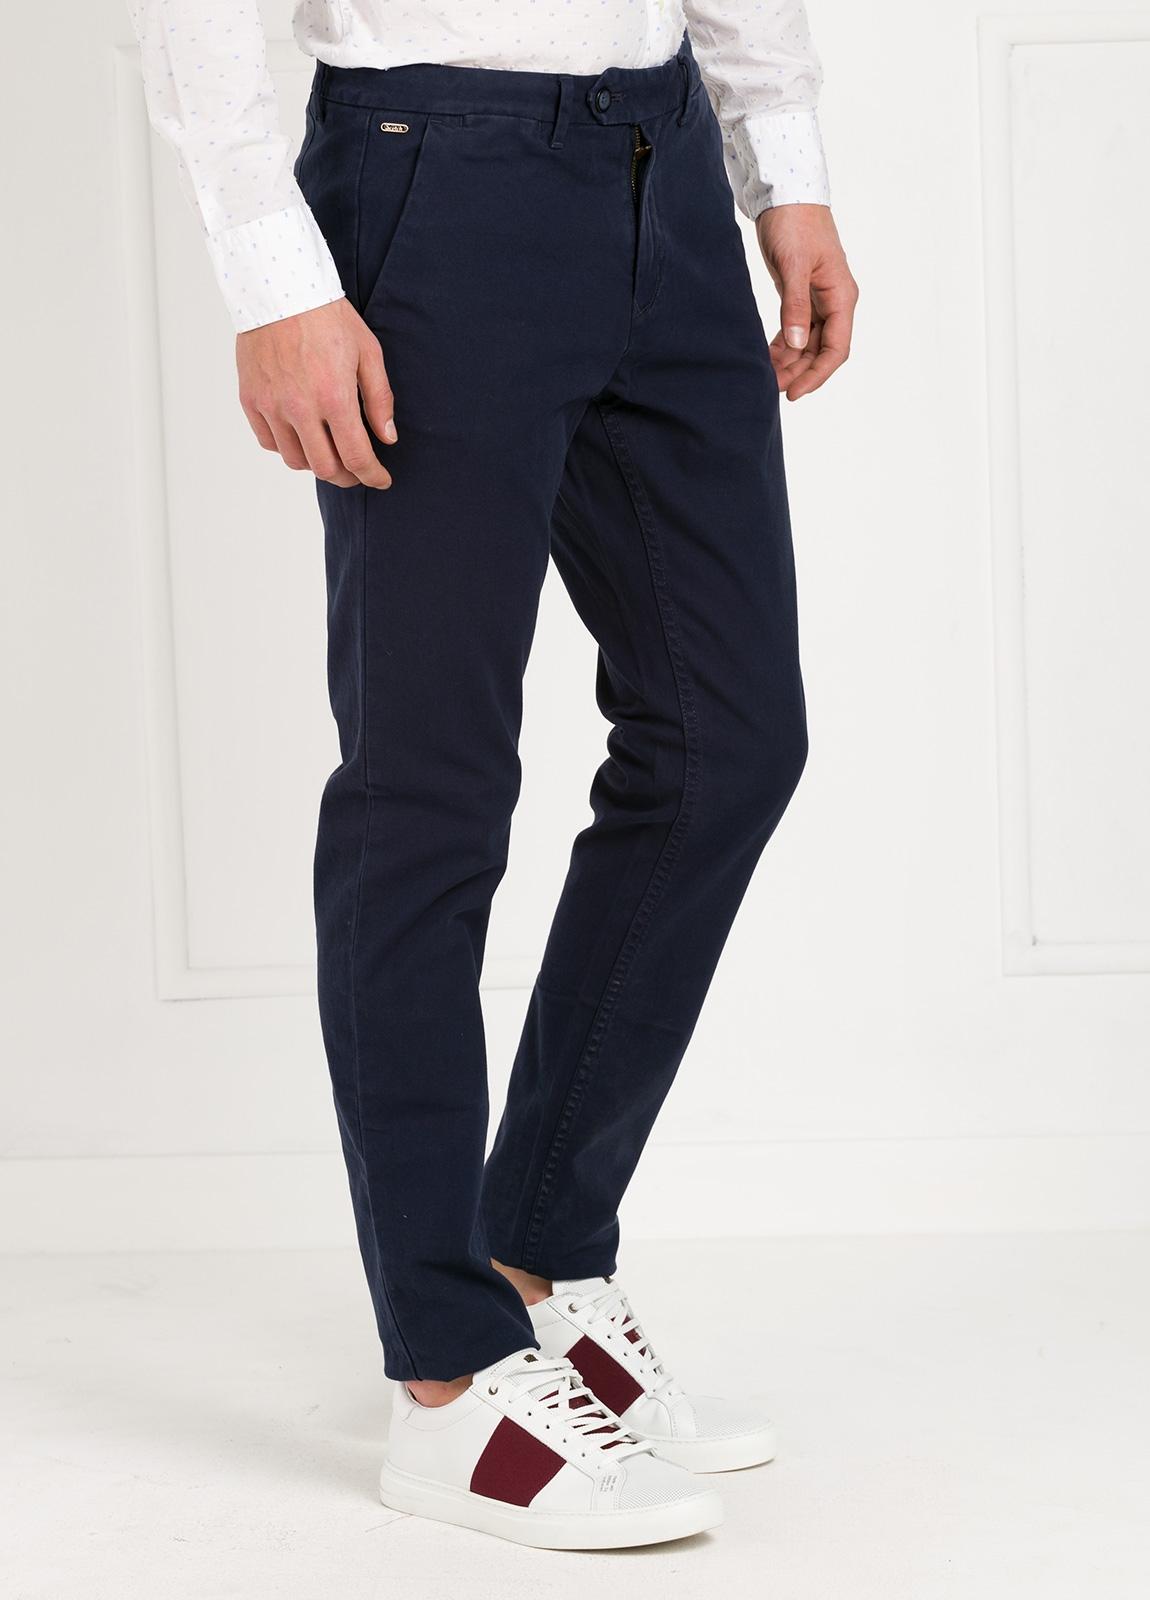 Pantalón chino regular slim fit , tejido elástico teñido en prenda color azul marino. 97% algodón 3% elastáno. - Ítem1